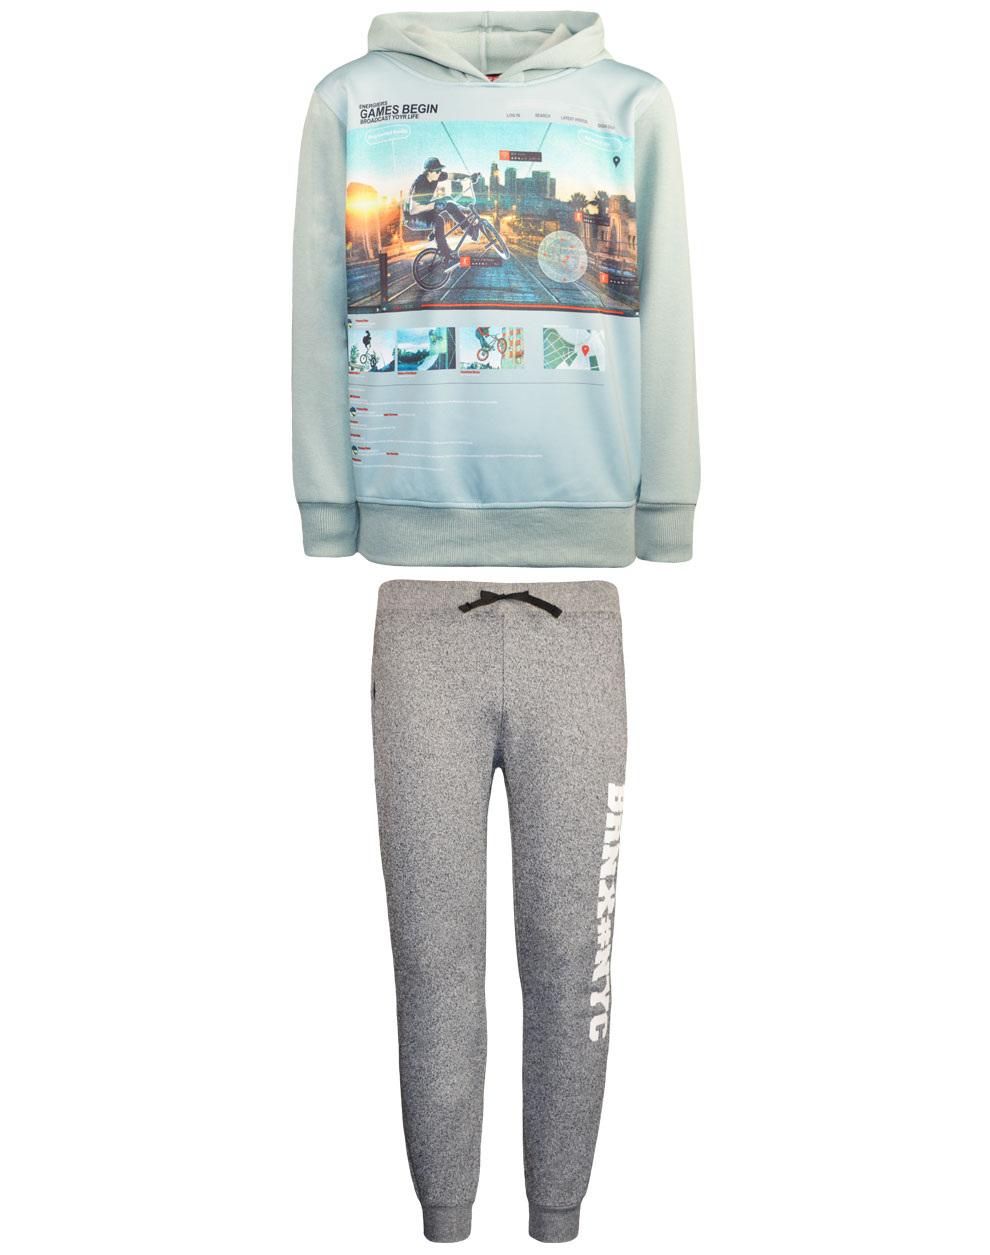 Φόρμα μπλούζα φούτερ με κουκούλα και παντελόνι με πλαϊνό τύπωμα 13-120045-0 - Μαύρο - 17883-10/12/1/108